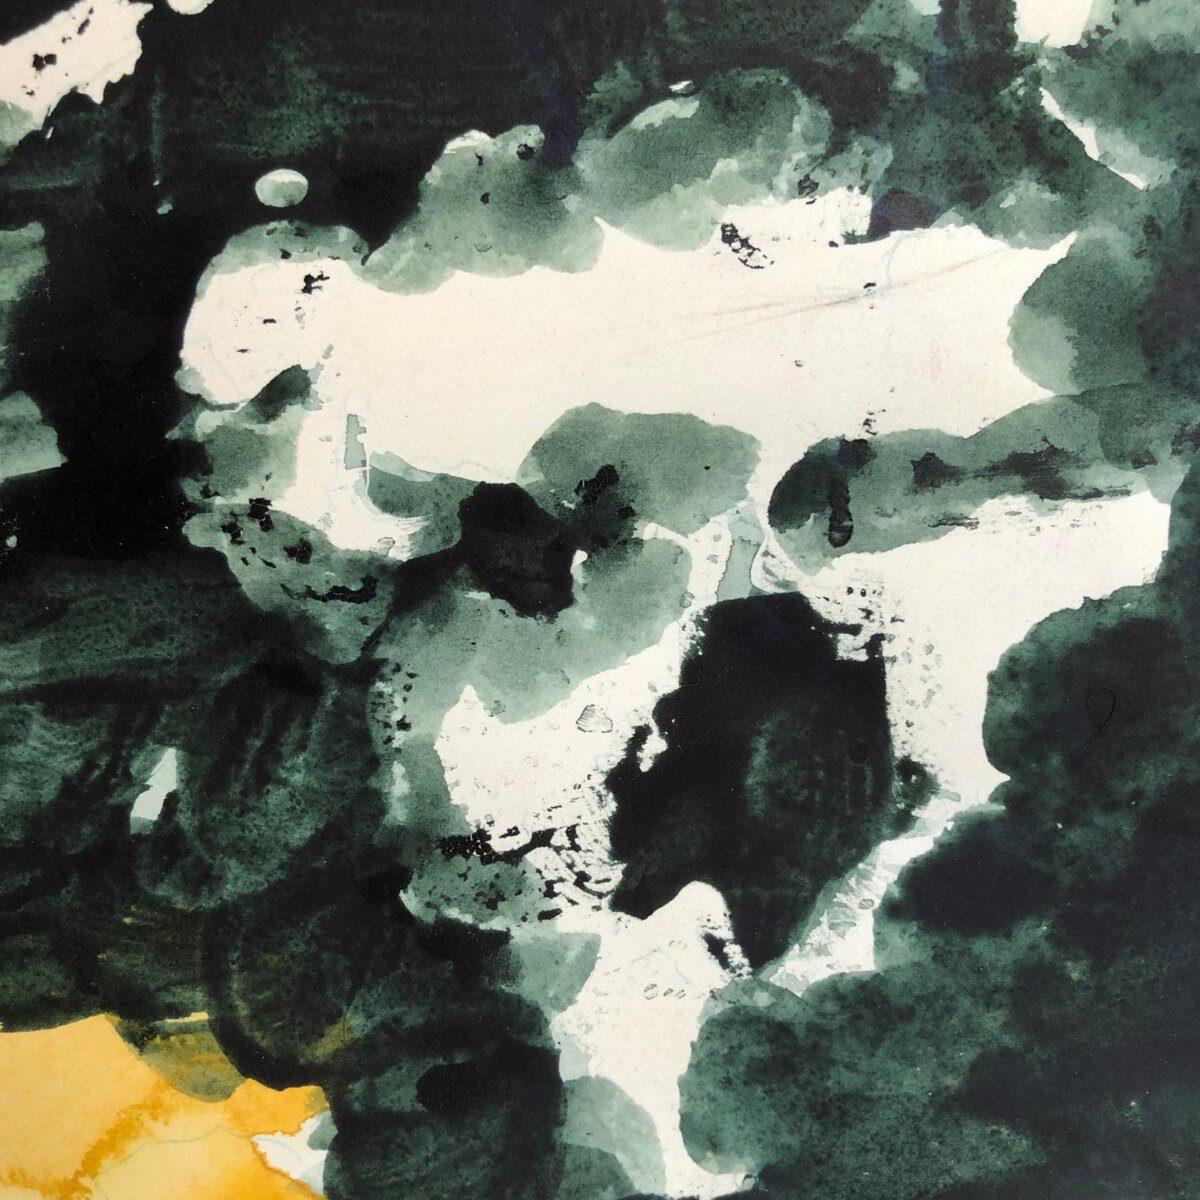 Hans Broek, Autumn (2004) detail 4